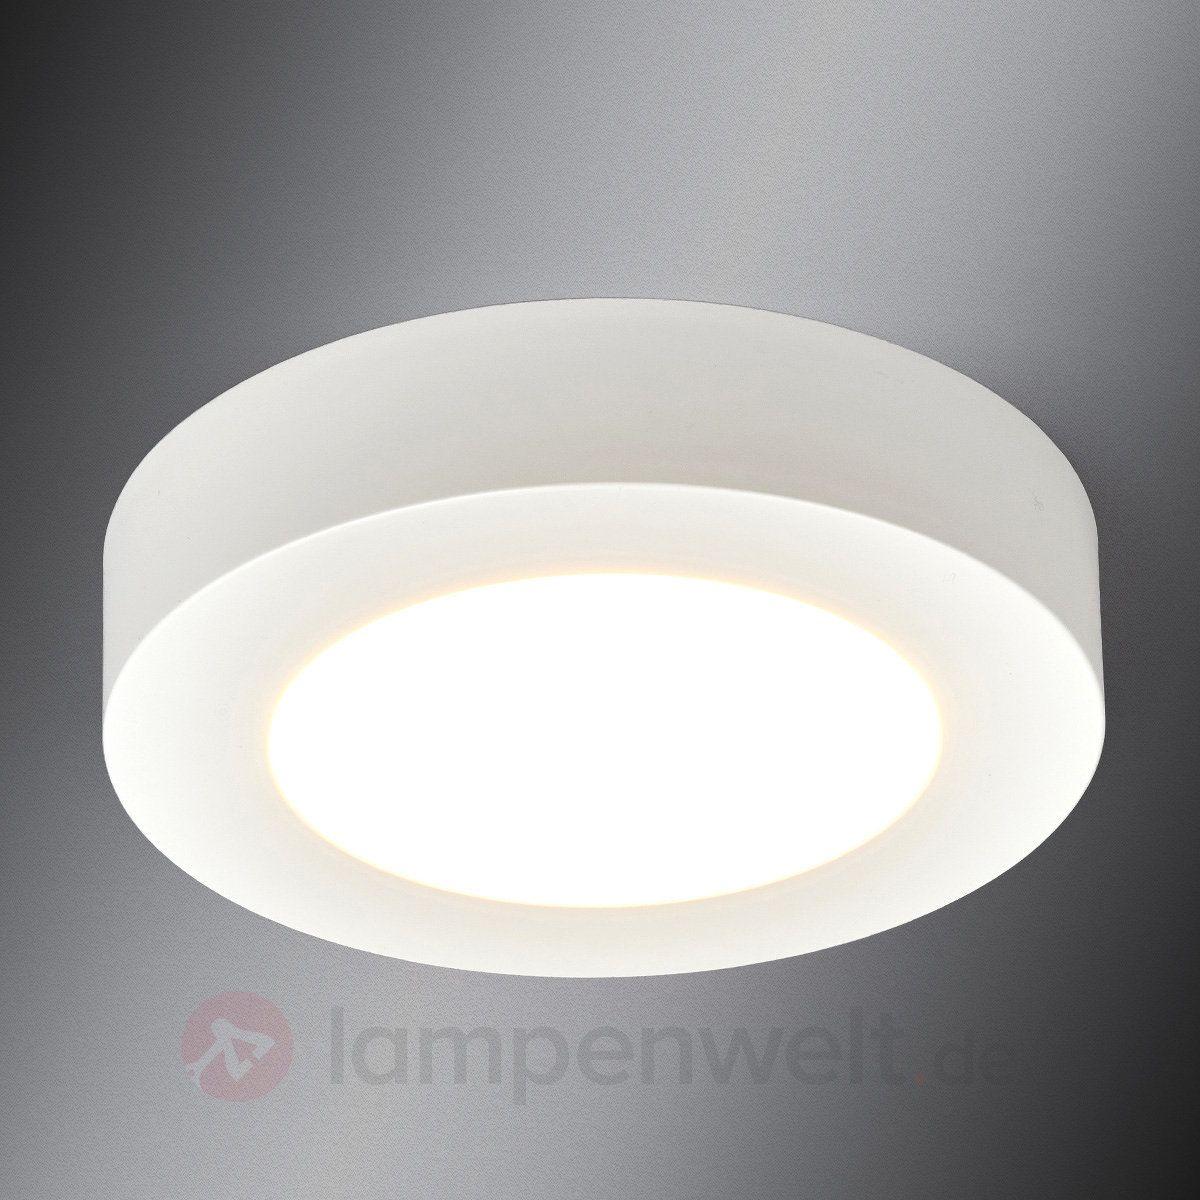 Runde Led Deckenlampe Esra Furs Badezimmer Kaufen Deckenlampe